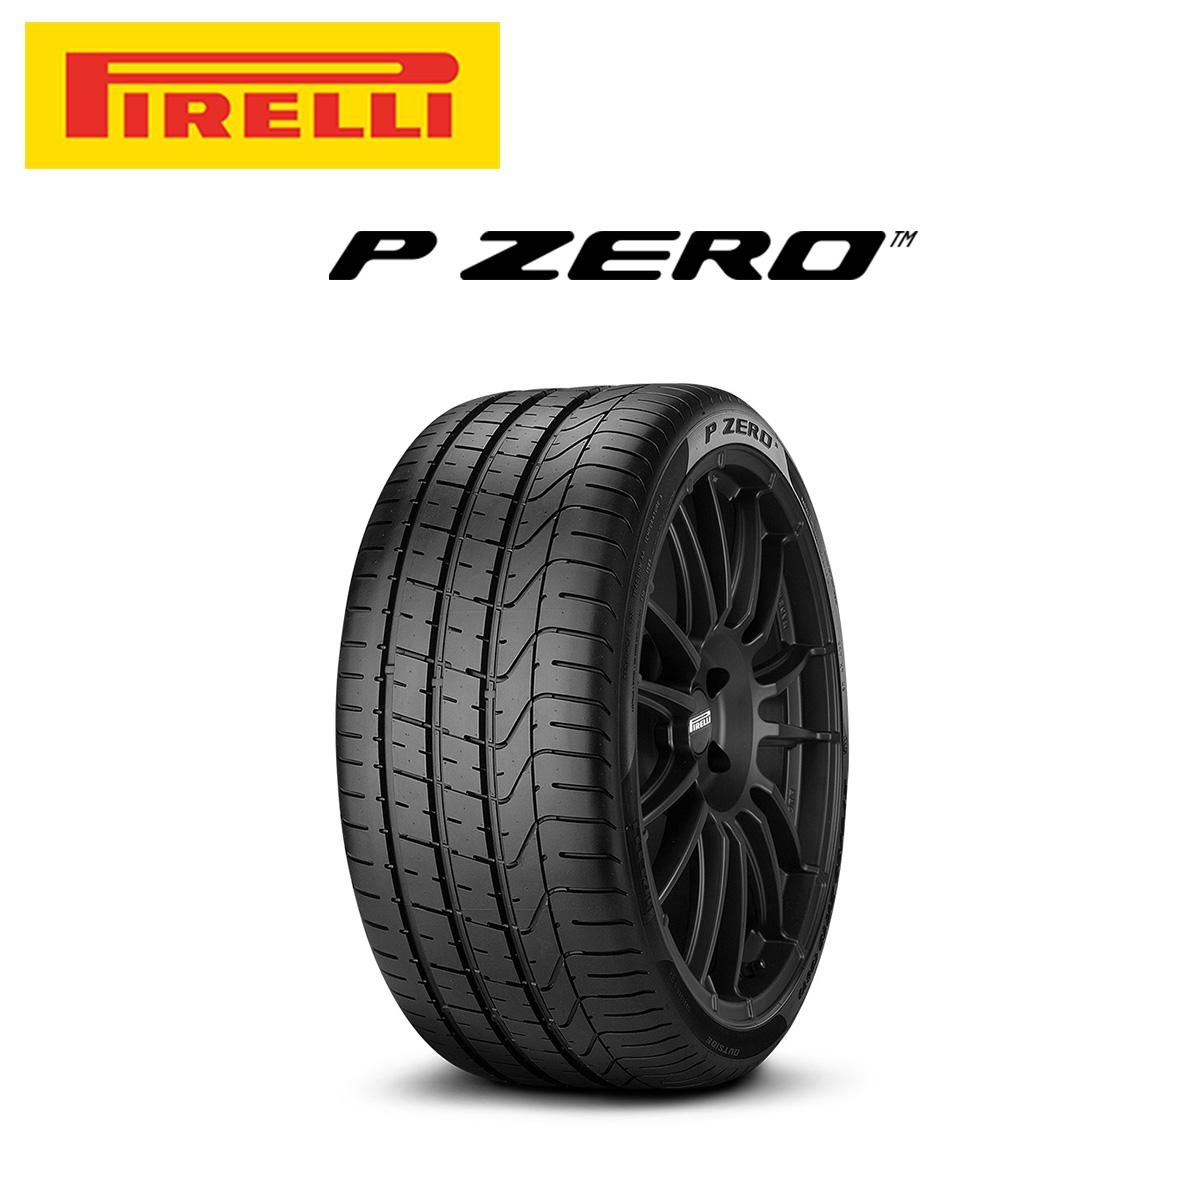 ピレリ PIRELLI P ZERO ピーゼロ 19インチ サマー タイヤ 4本 セット 225/35R19 88Y XL r-f ★:BMW MINI承認タイヤ 2022700